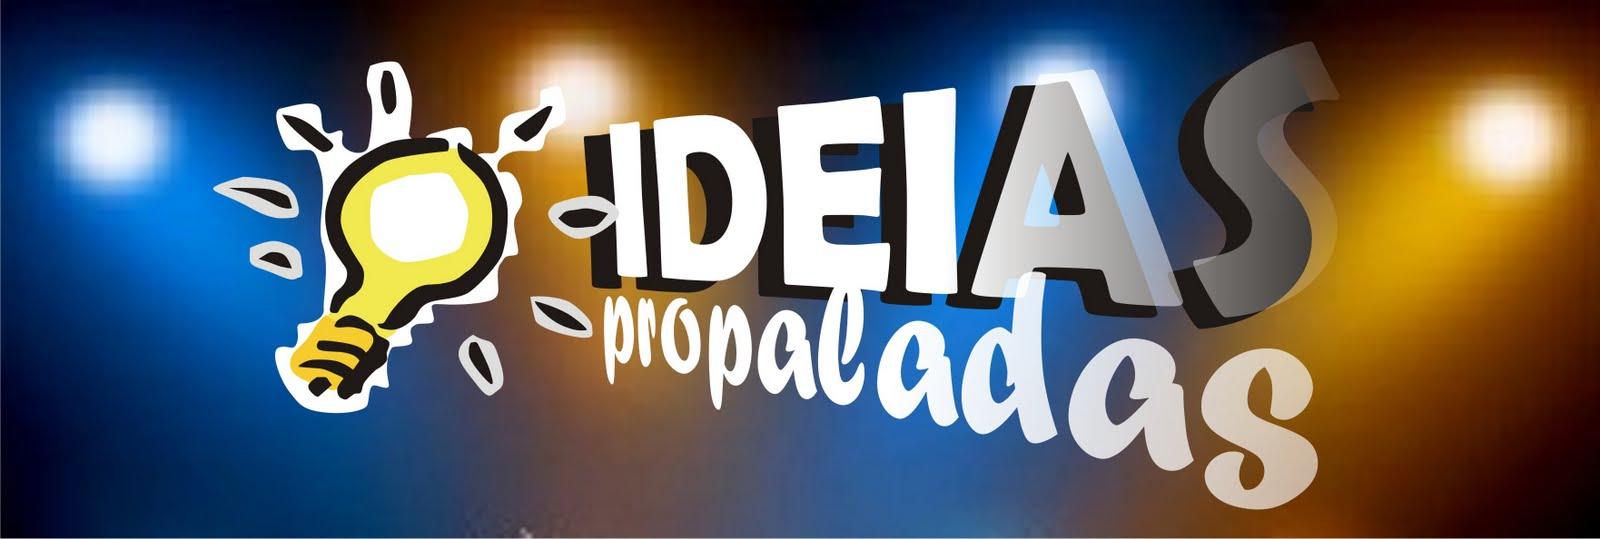 Ideias Propaladas